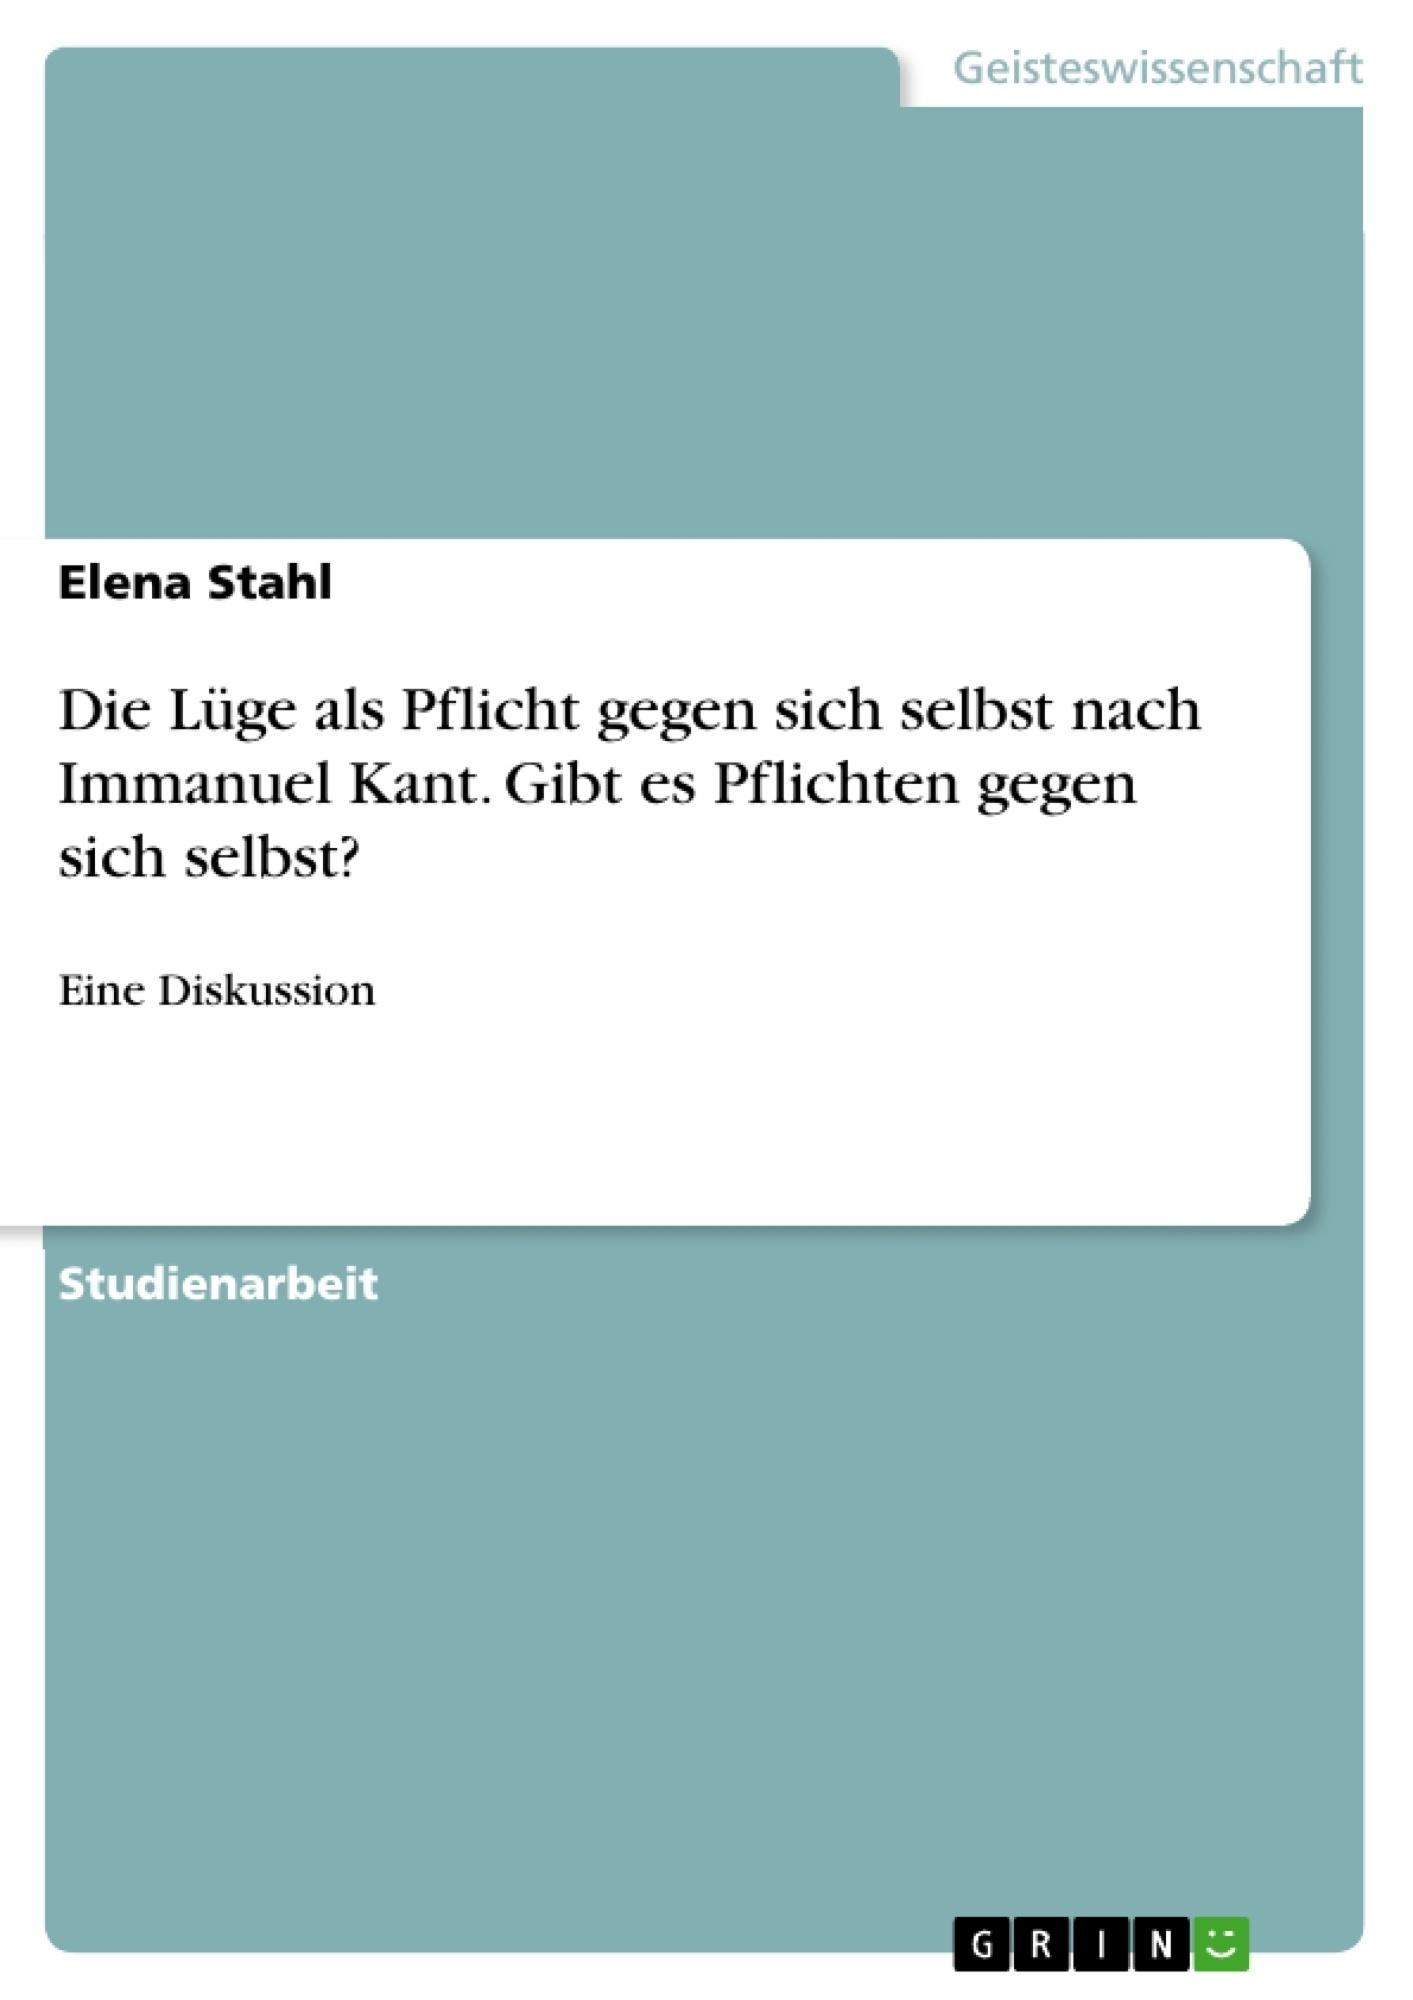 Titel: Die Lüge als Pflicht gegen sich selbst nach Immanuel Kant. Gibt es Pflichten gegen sich selbst?